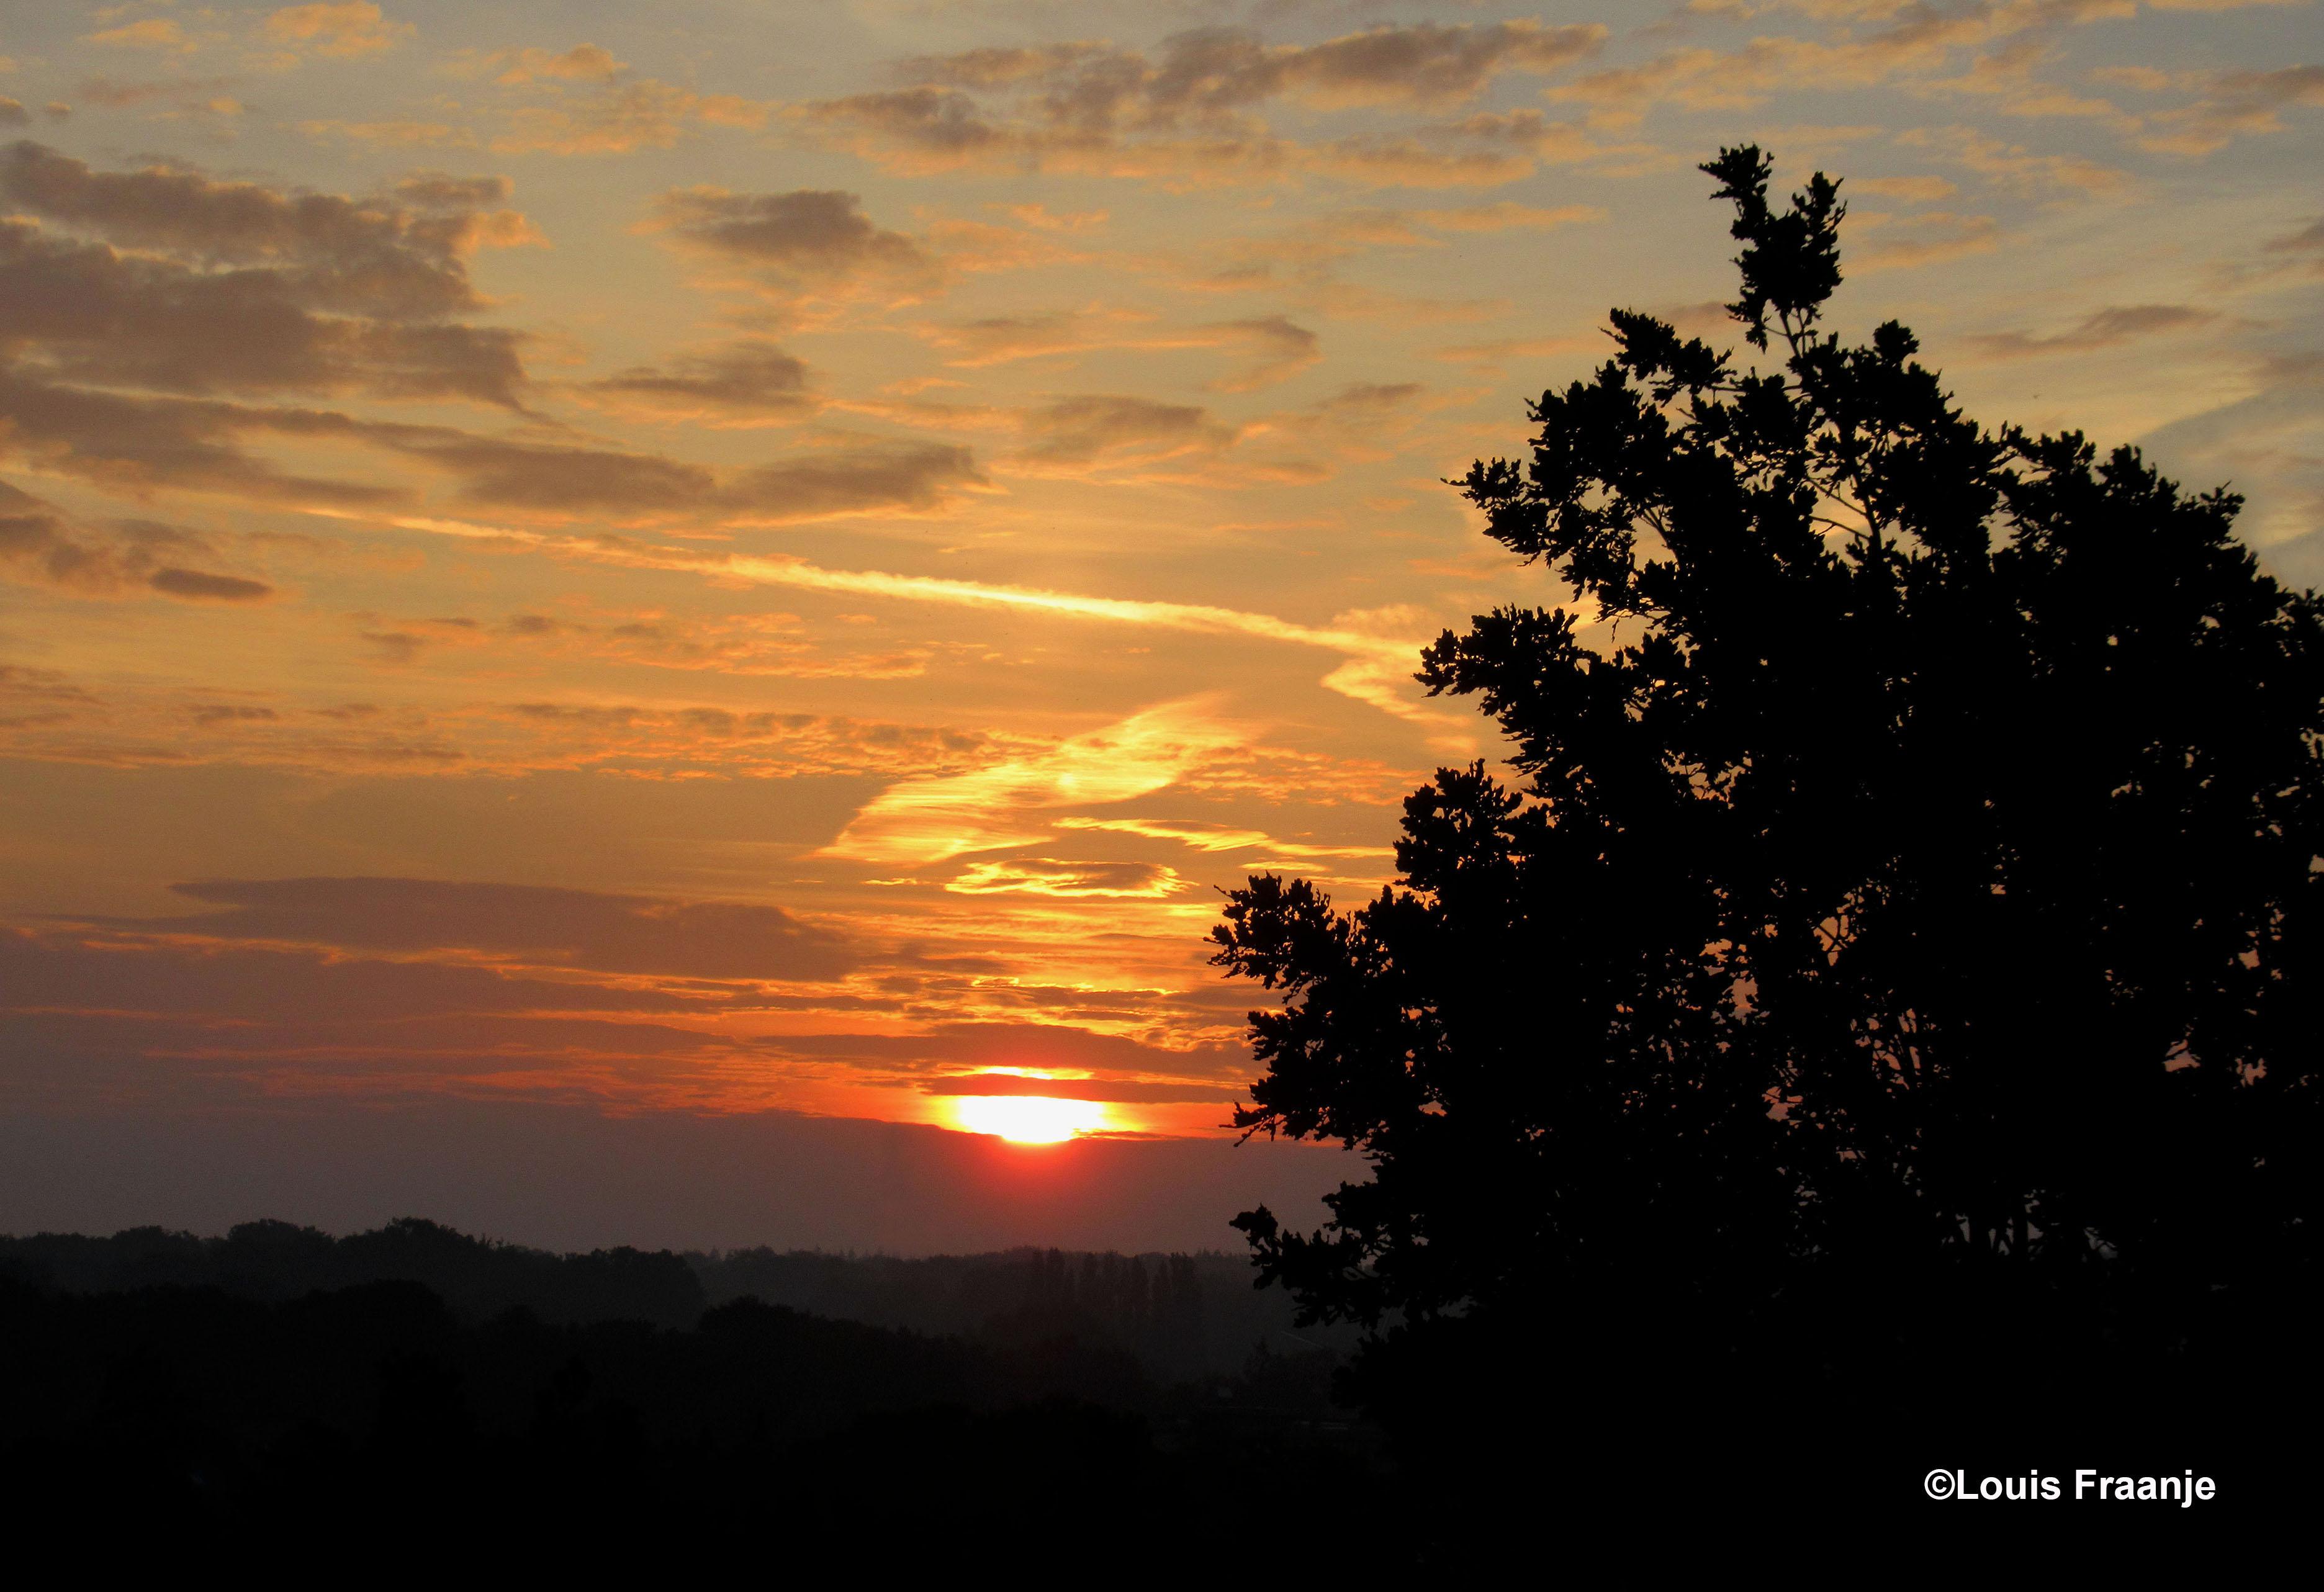 Prachtige zonsopkomst - Foto: ©Louis Fraanje